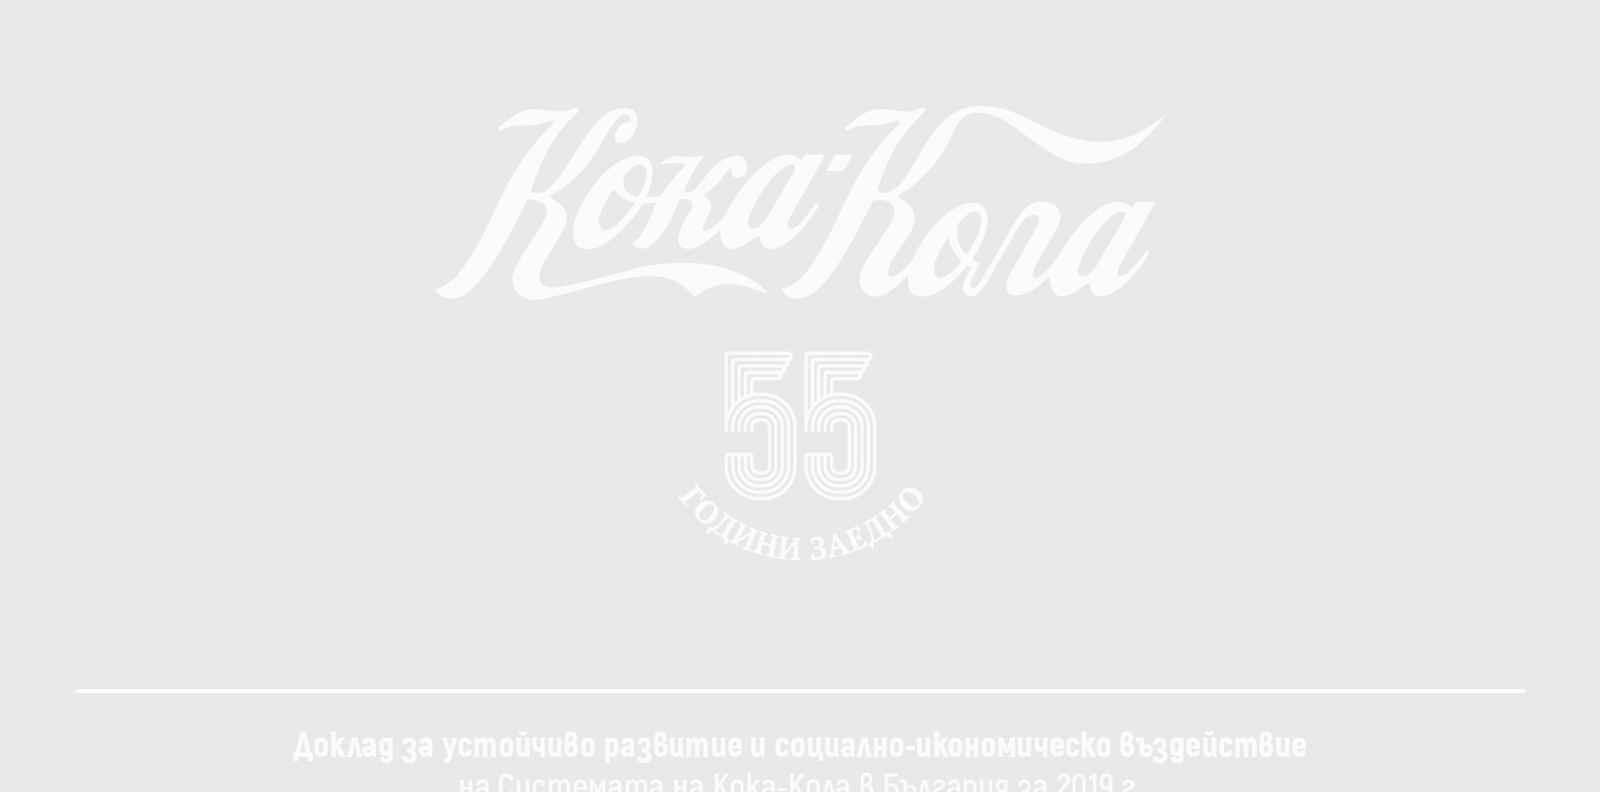 Системата на Кока-Кола в България рециклира 96% от генерираните в производството си отпадъци